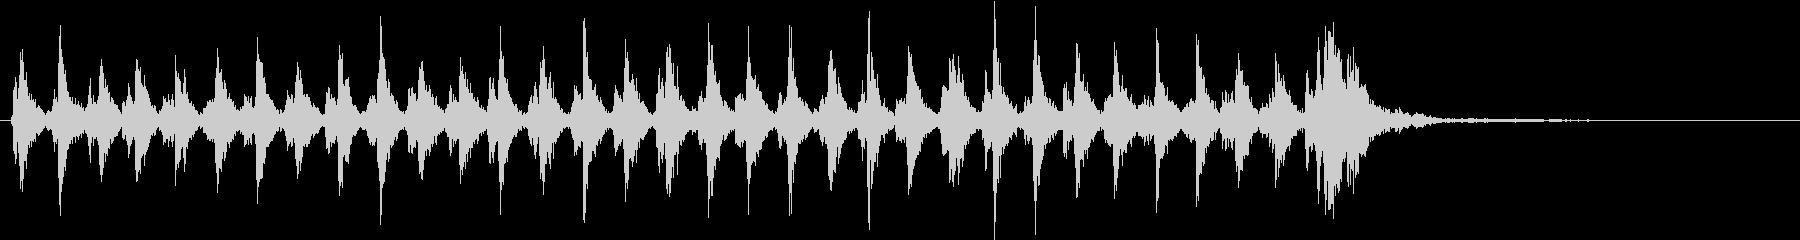 Xmasに最適トナカイベルのループ音06の未再生の波形